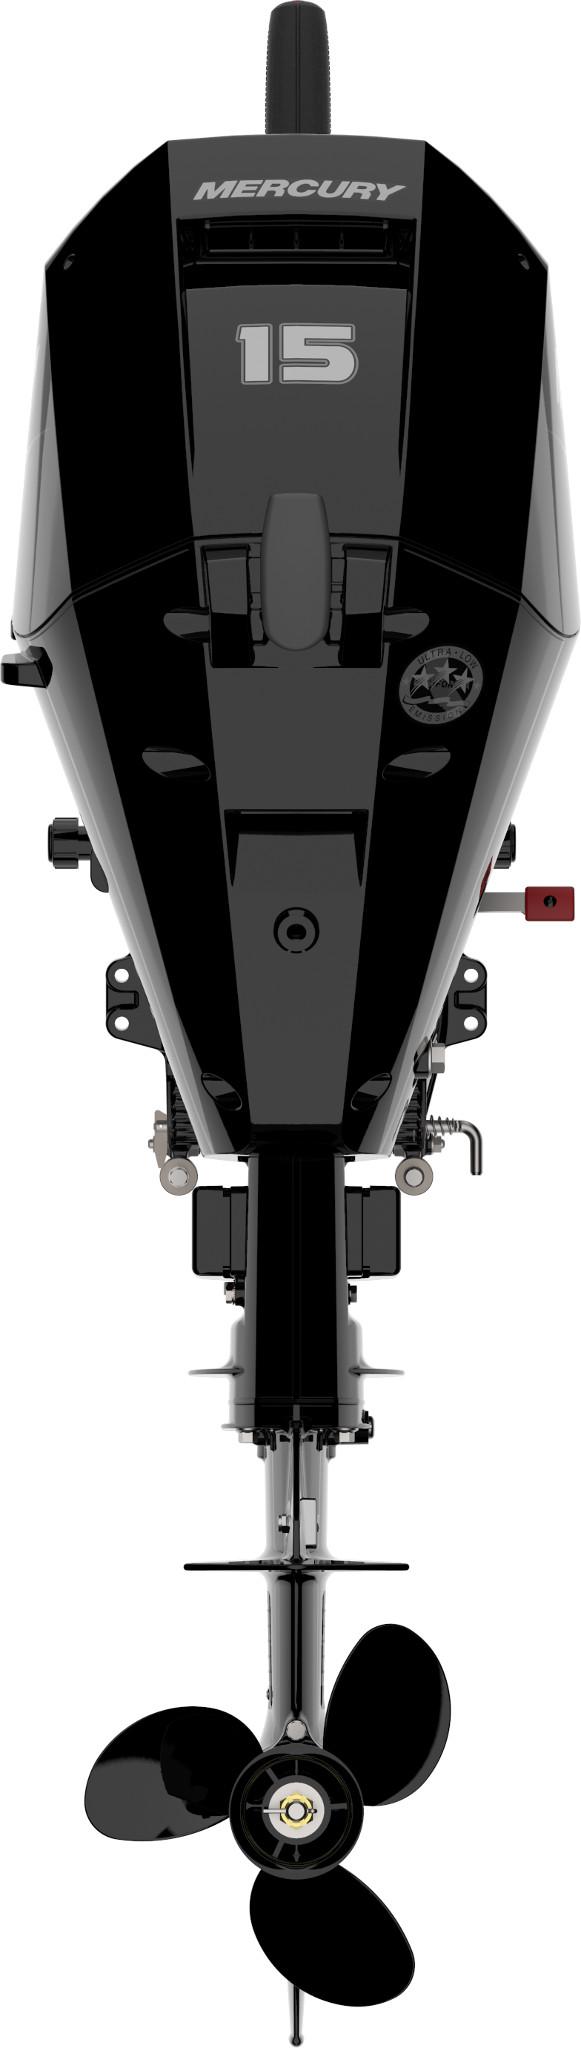 Четырехтактный лодочный мотор MERCURY F15MLH EFI - 2